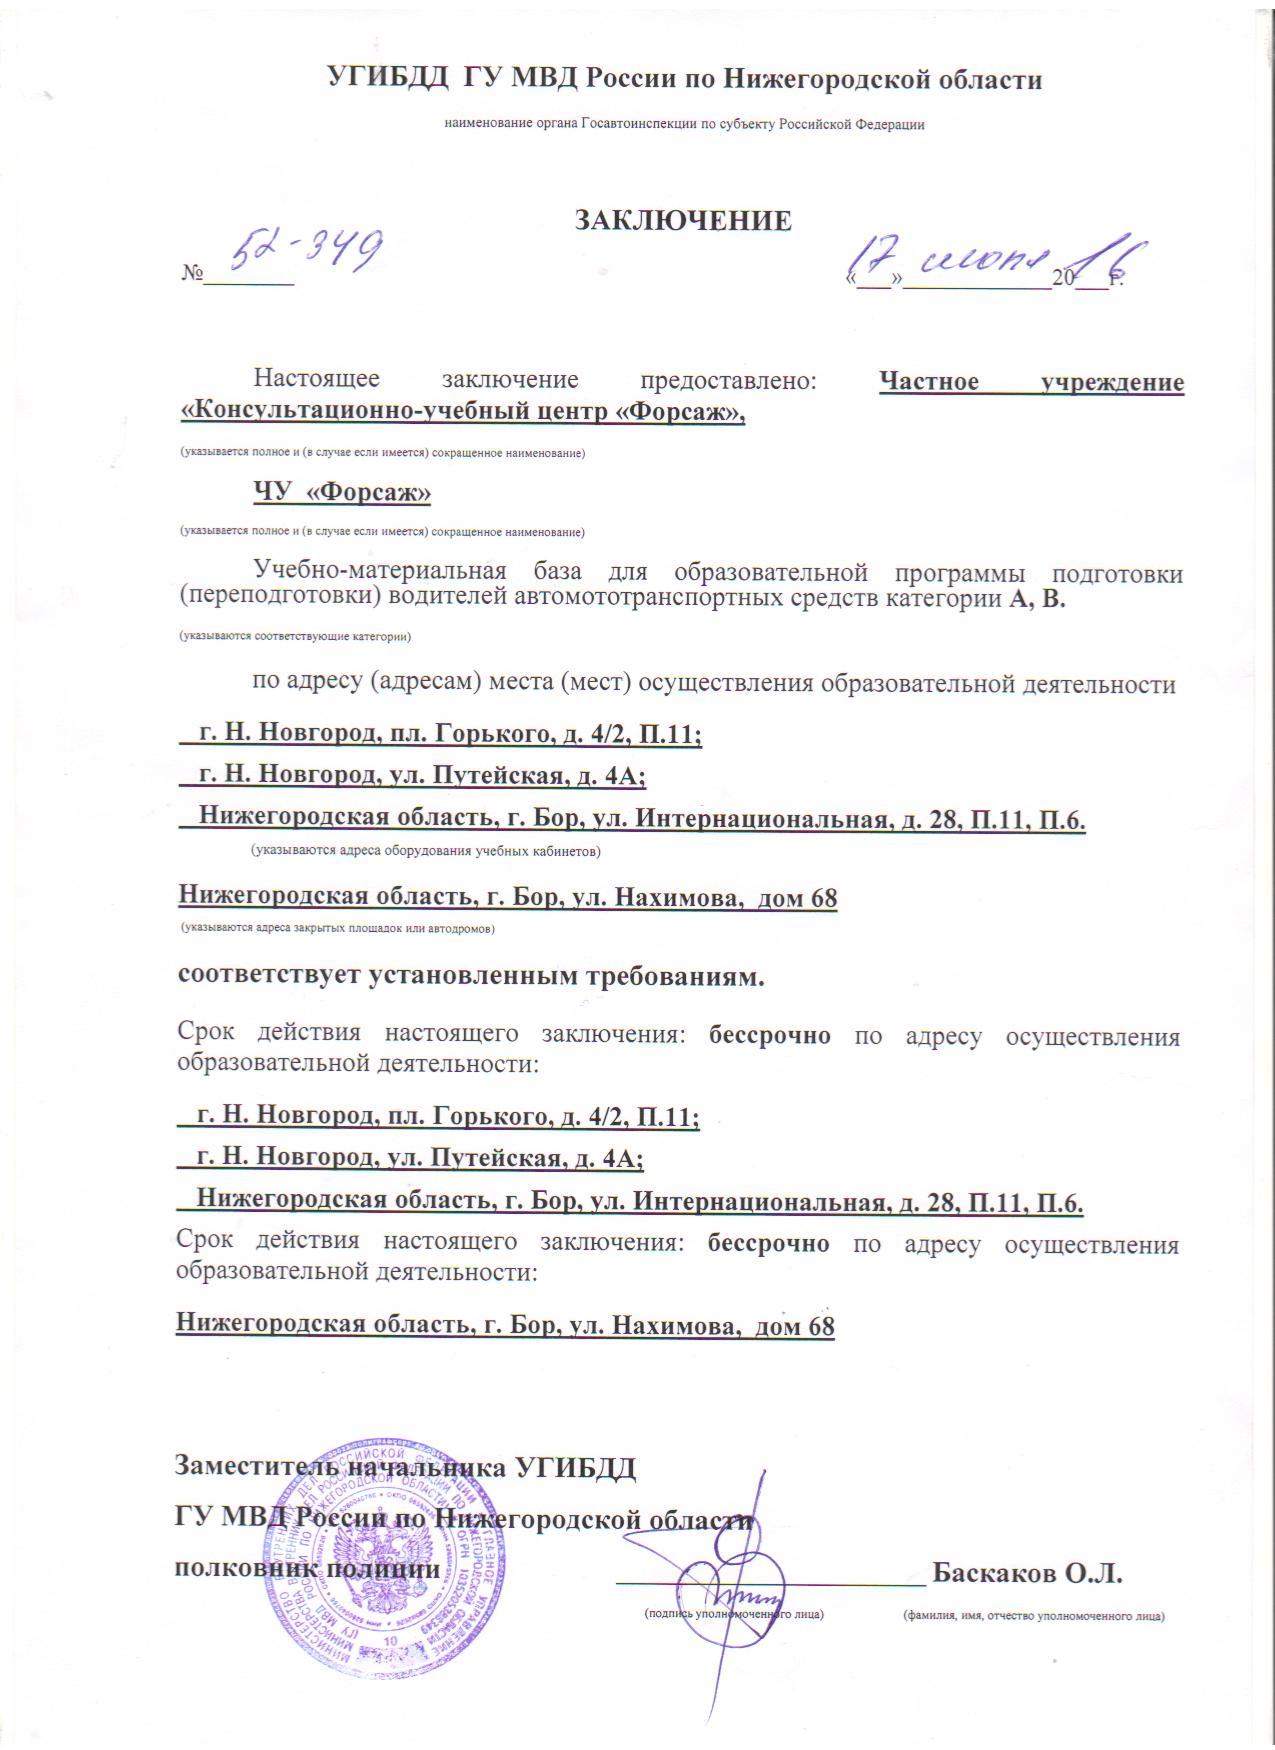 Все автошколы Нижнего Новгорода отзывы, цены, телефоны ...